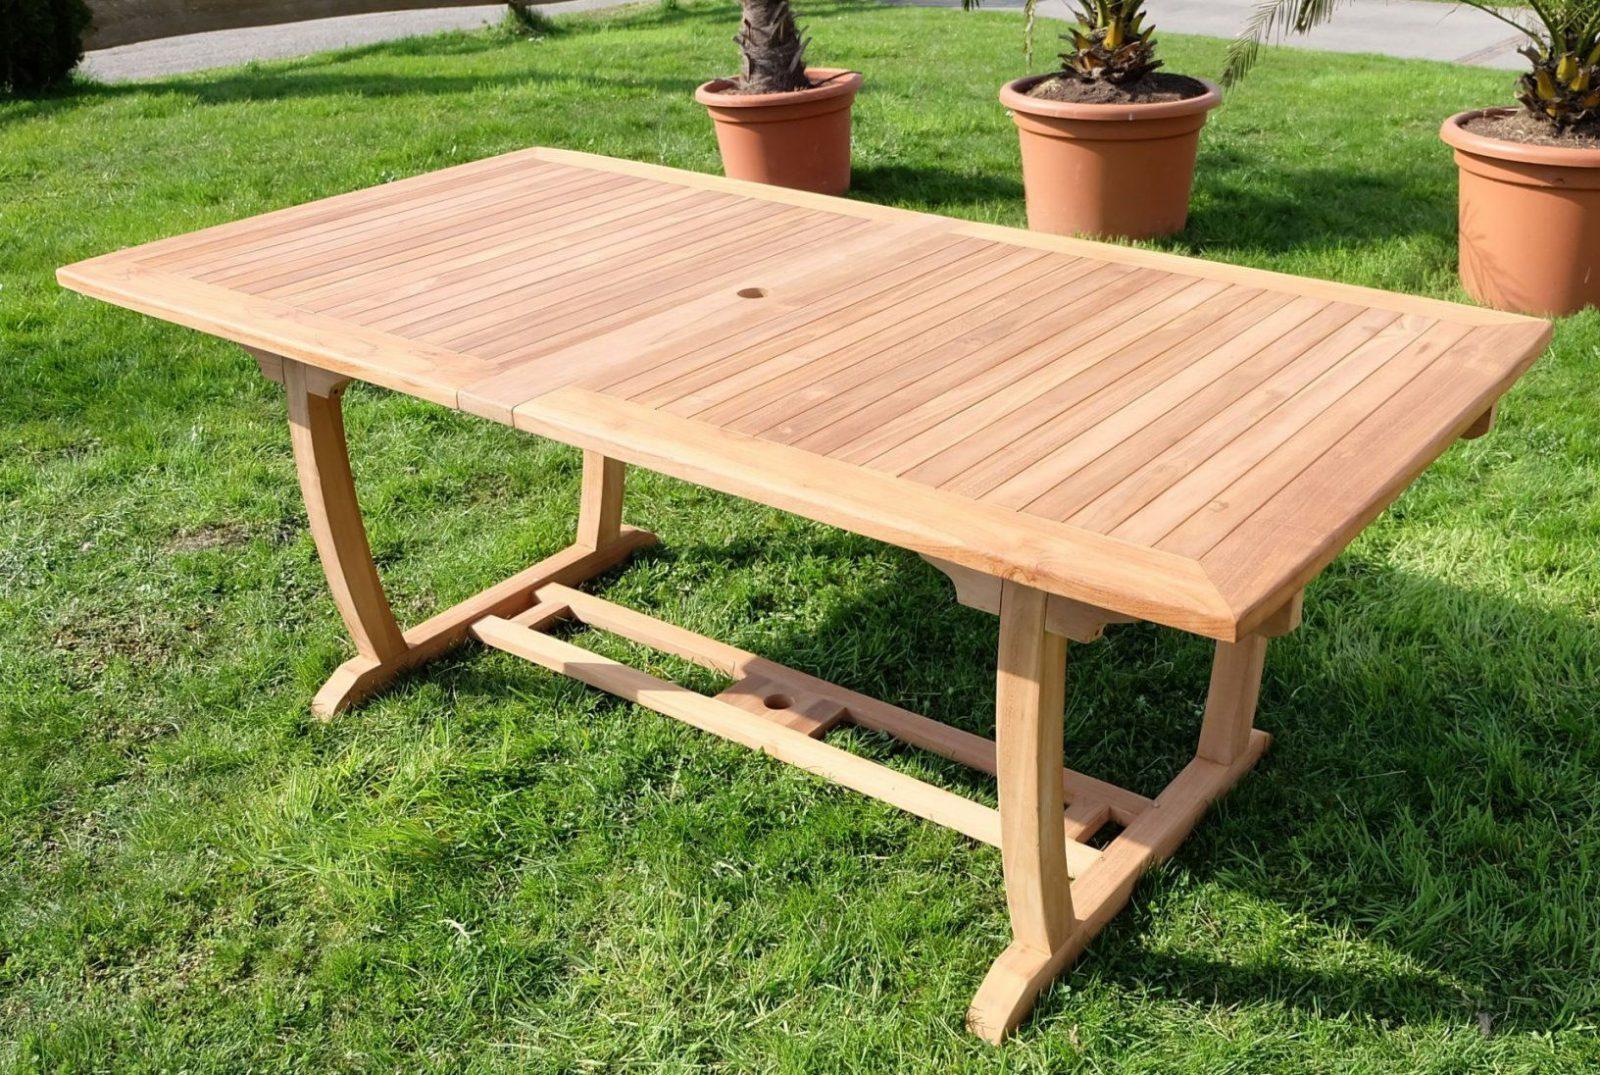 Inspiration Gartentisch Ausziehbar Holz Designideen  Gartendesign von Gartentisch Holz Ausziehbar Günstig Photo